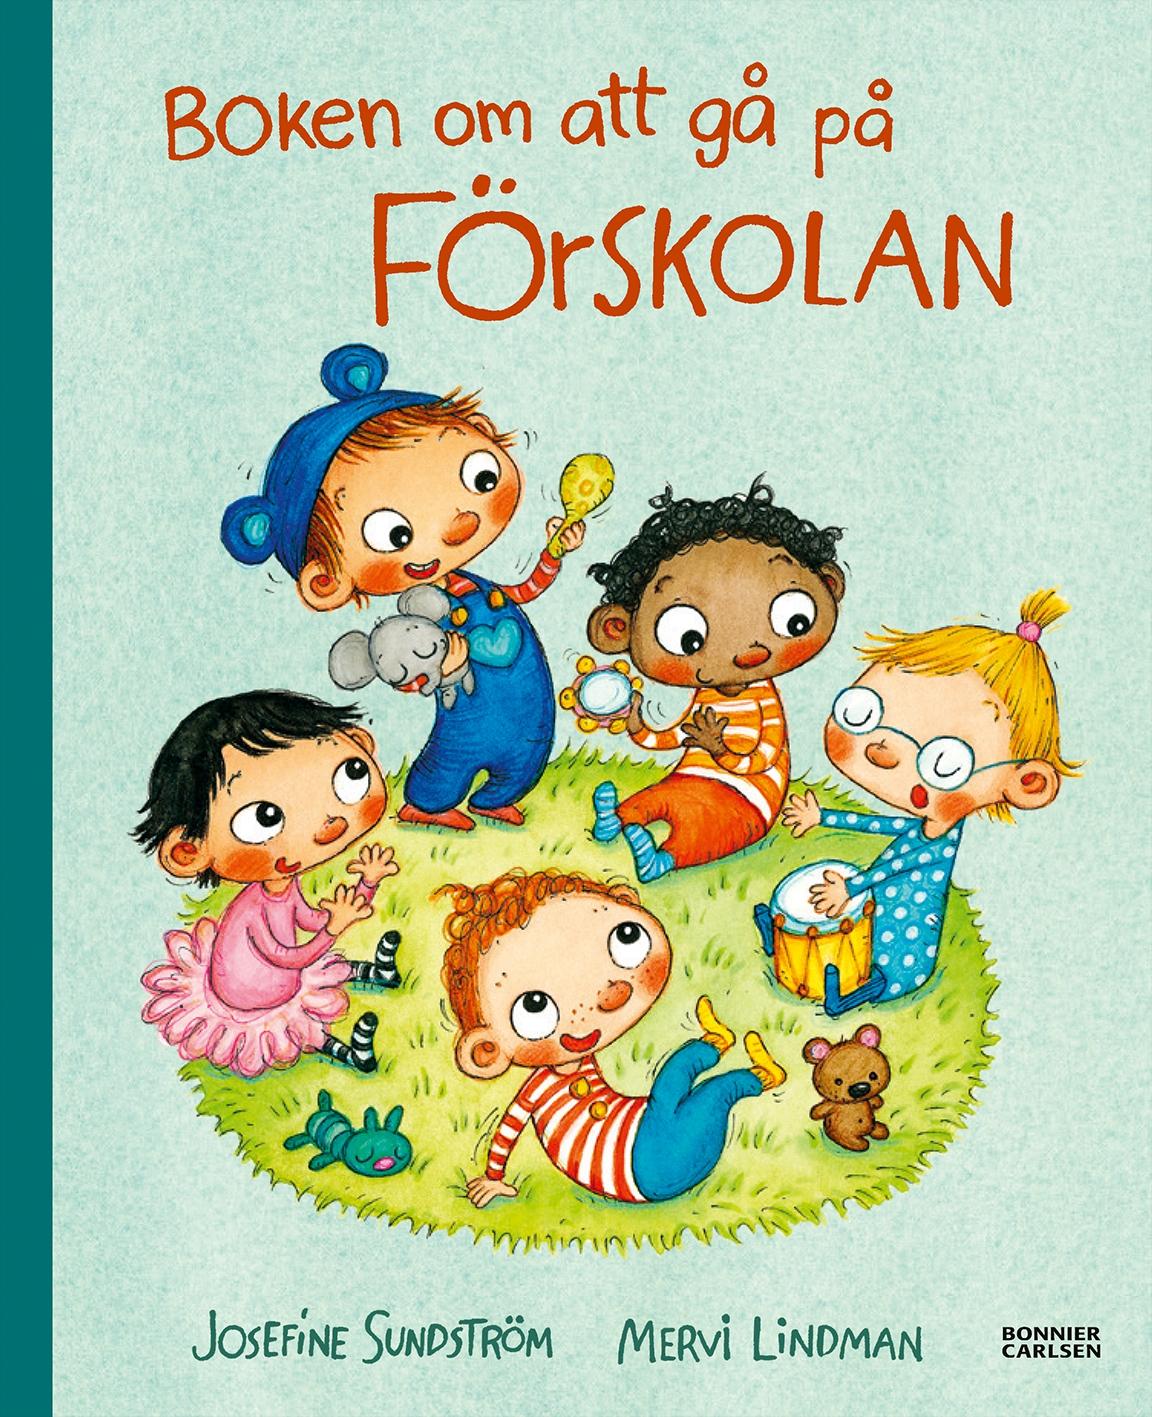 Bildresultat för boken om att gå på förskolan